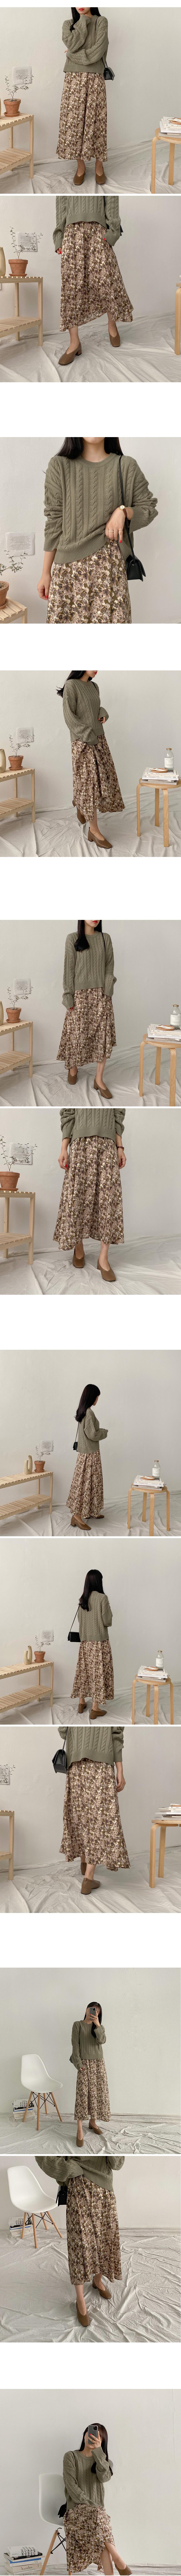 엘리즈뷔스띠에원피스(2color)